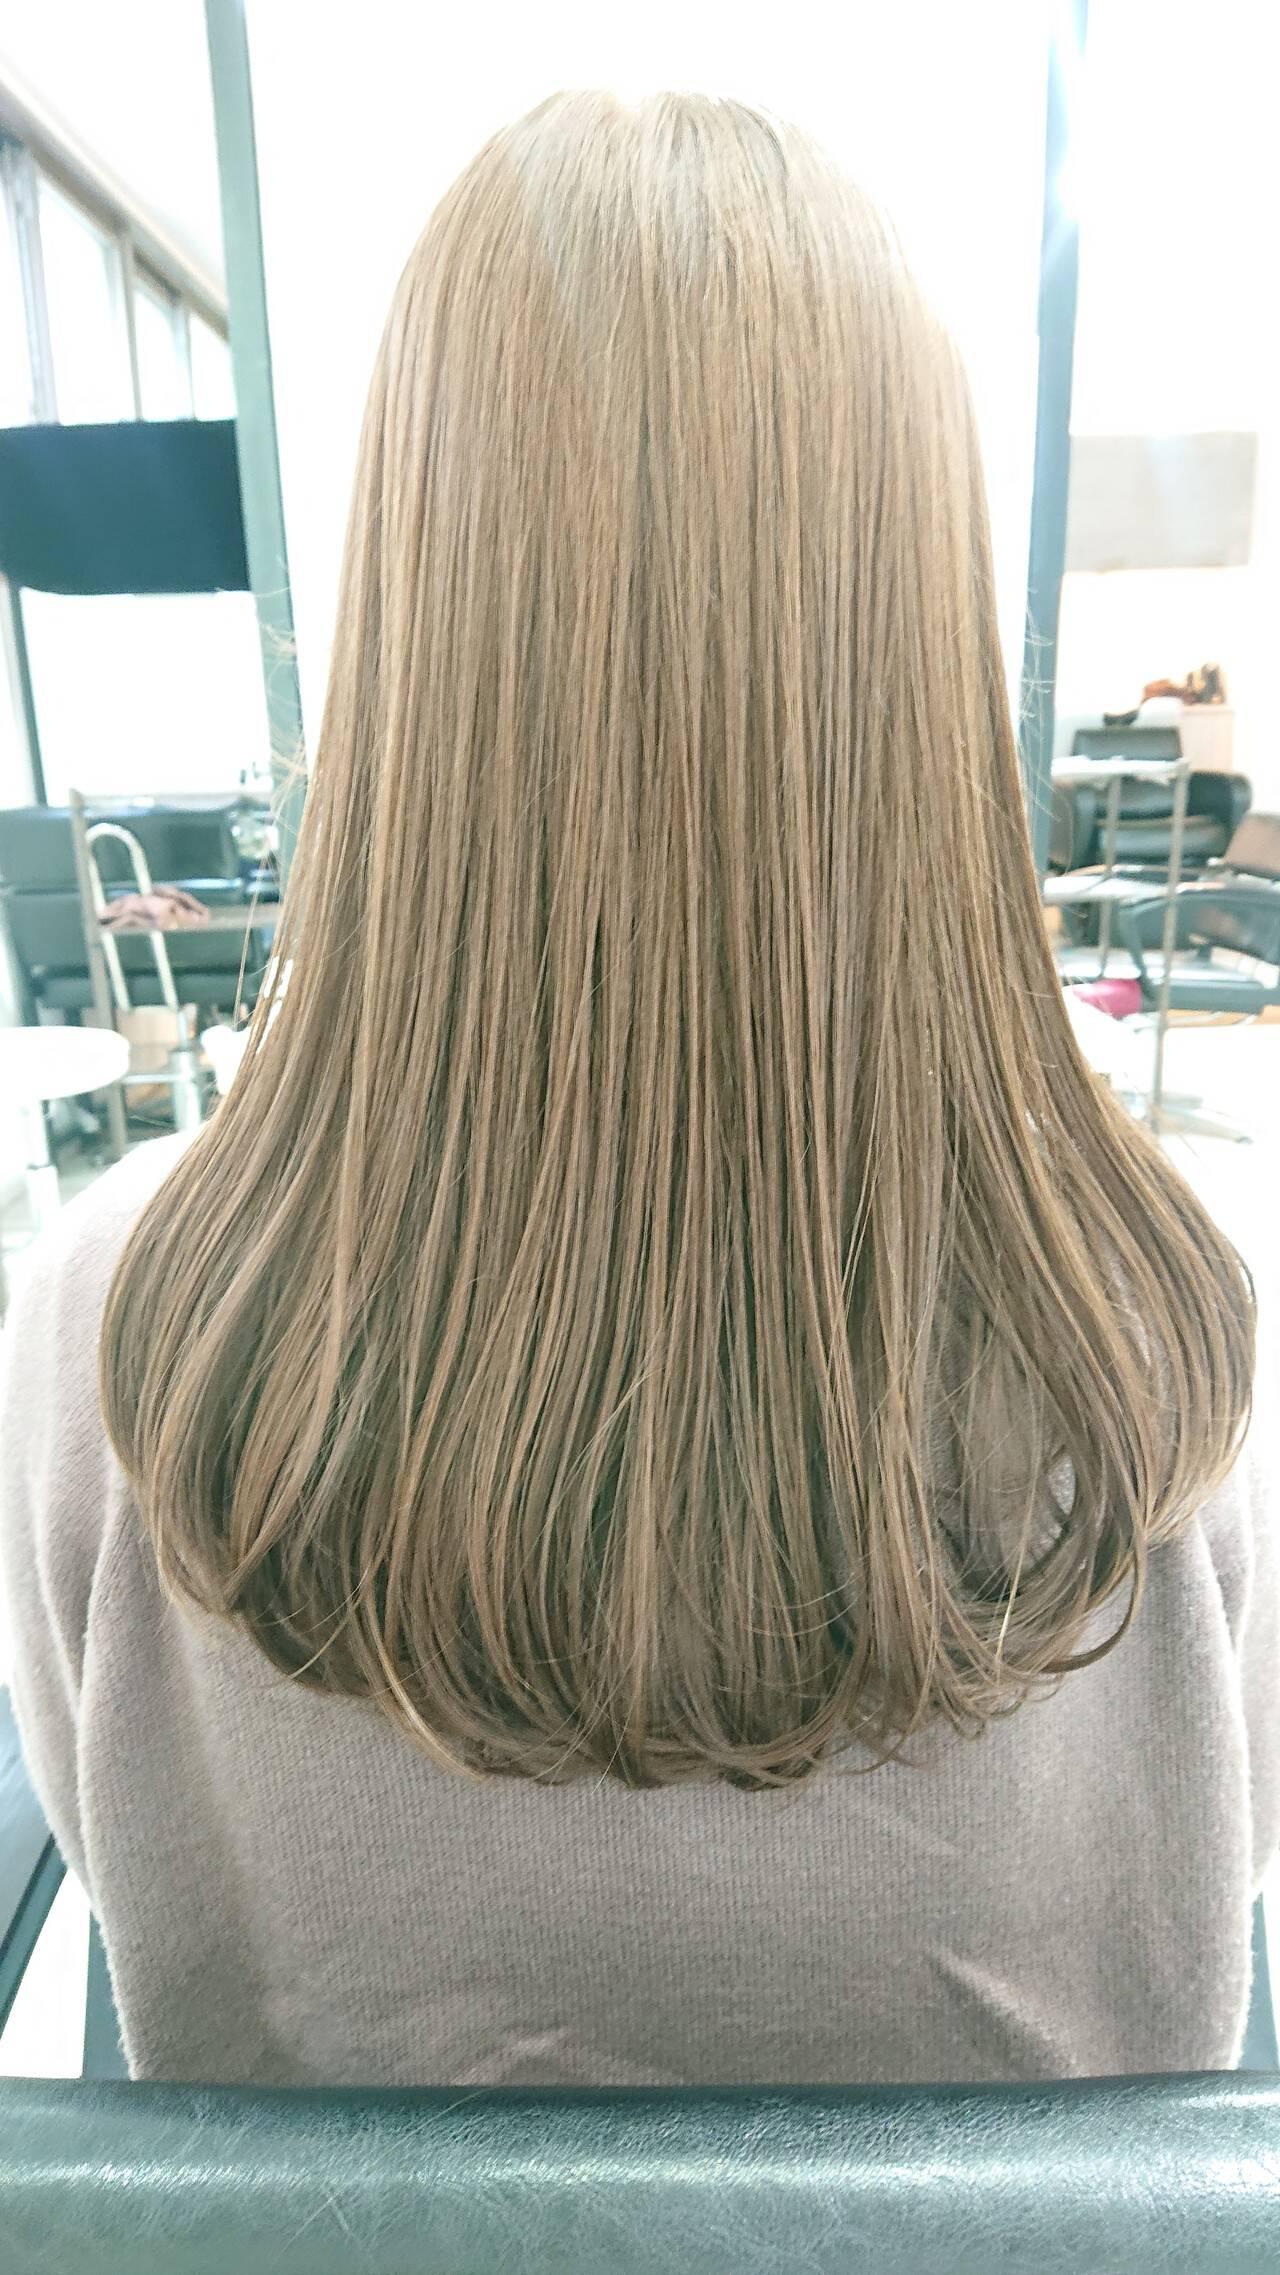 グレージュ ゆるナチュラル シアーベージュ ロングヘアスタイルや髪型の写真・画像